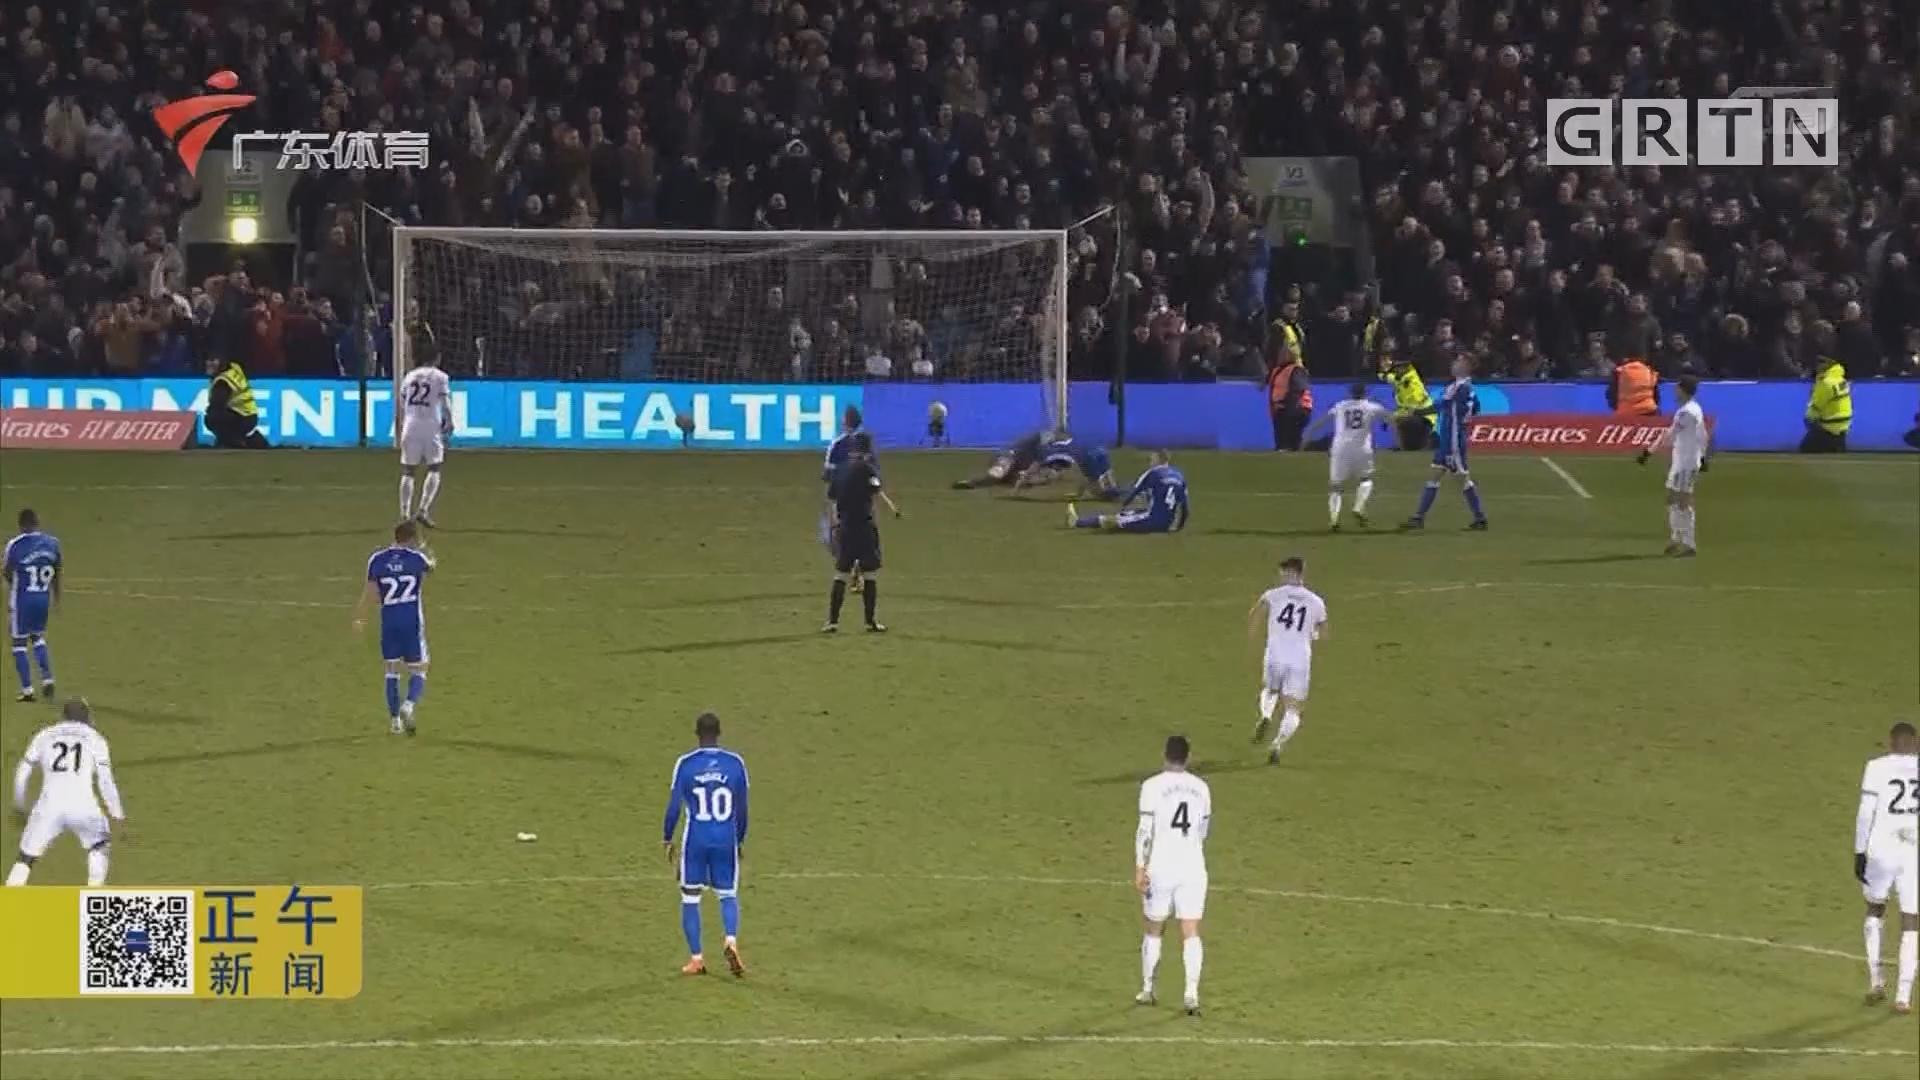 两球完胜英甲球队 莫耶斯带领西汉姆取两连胜